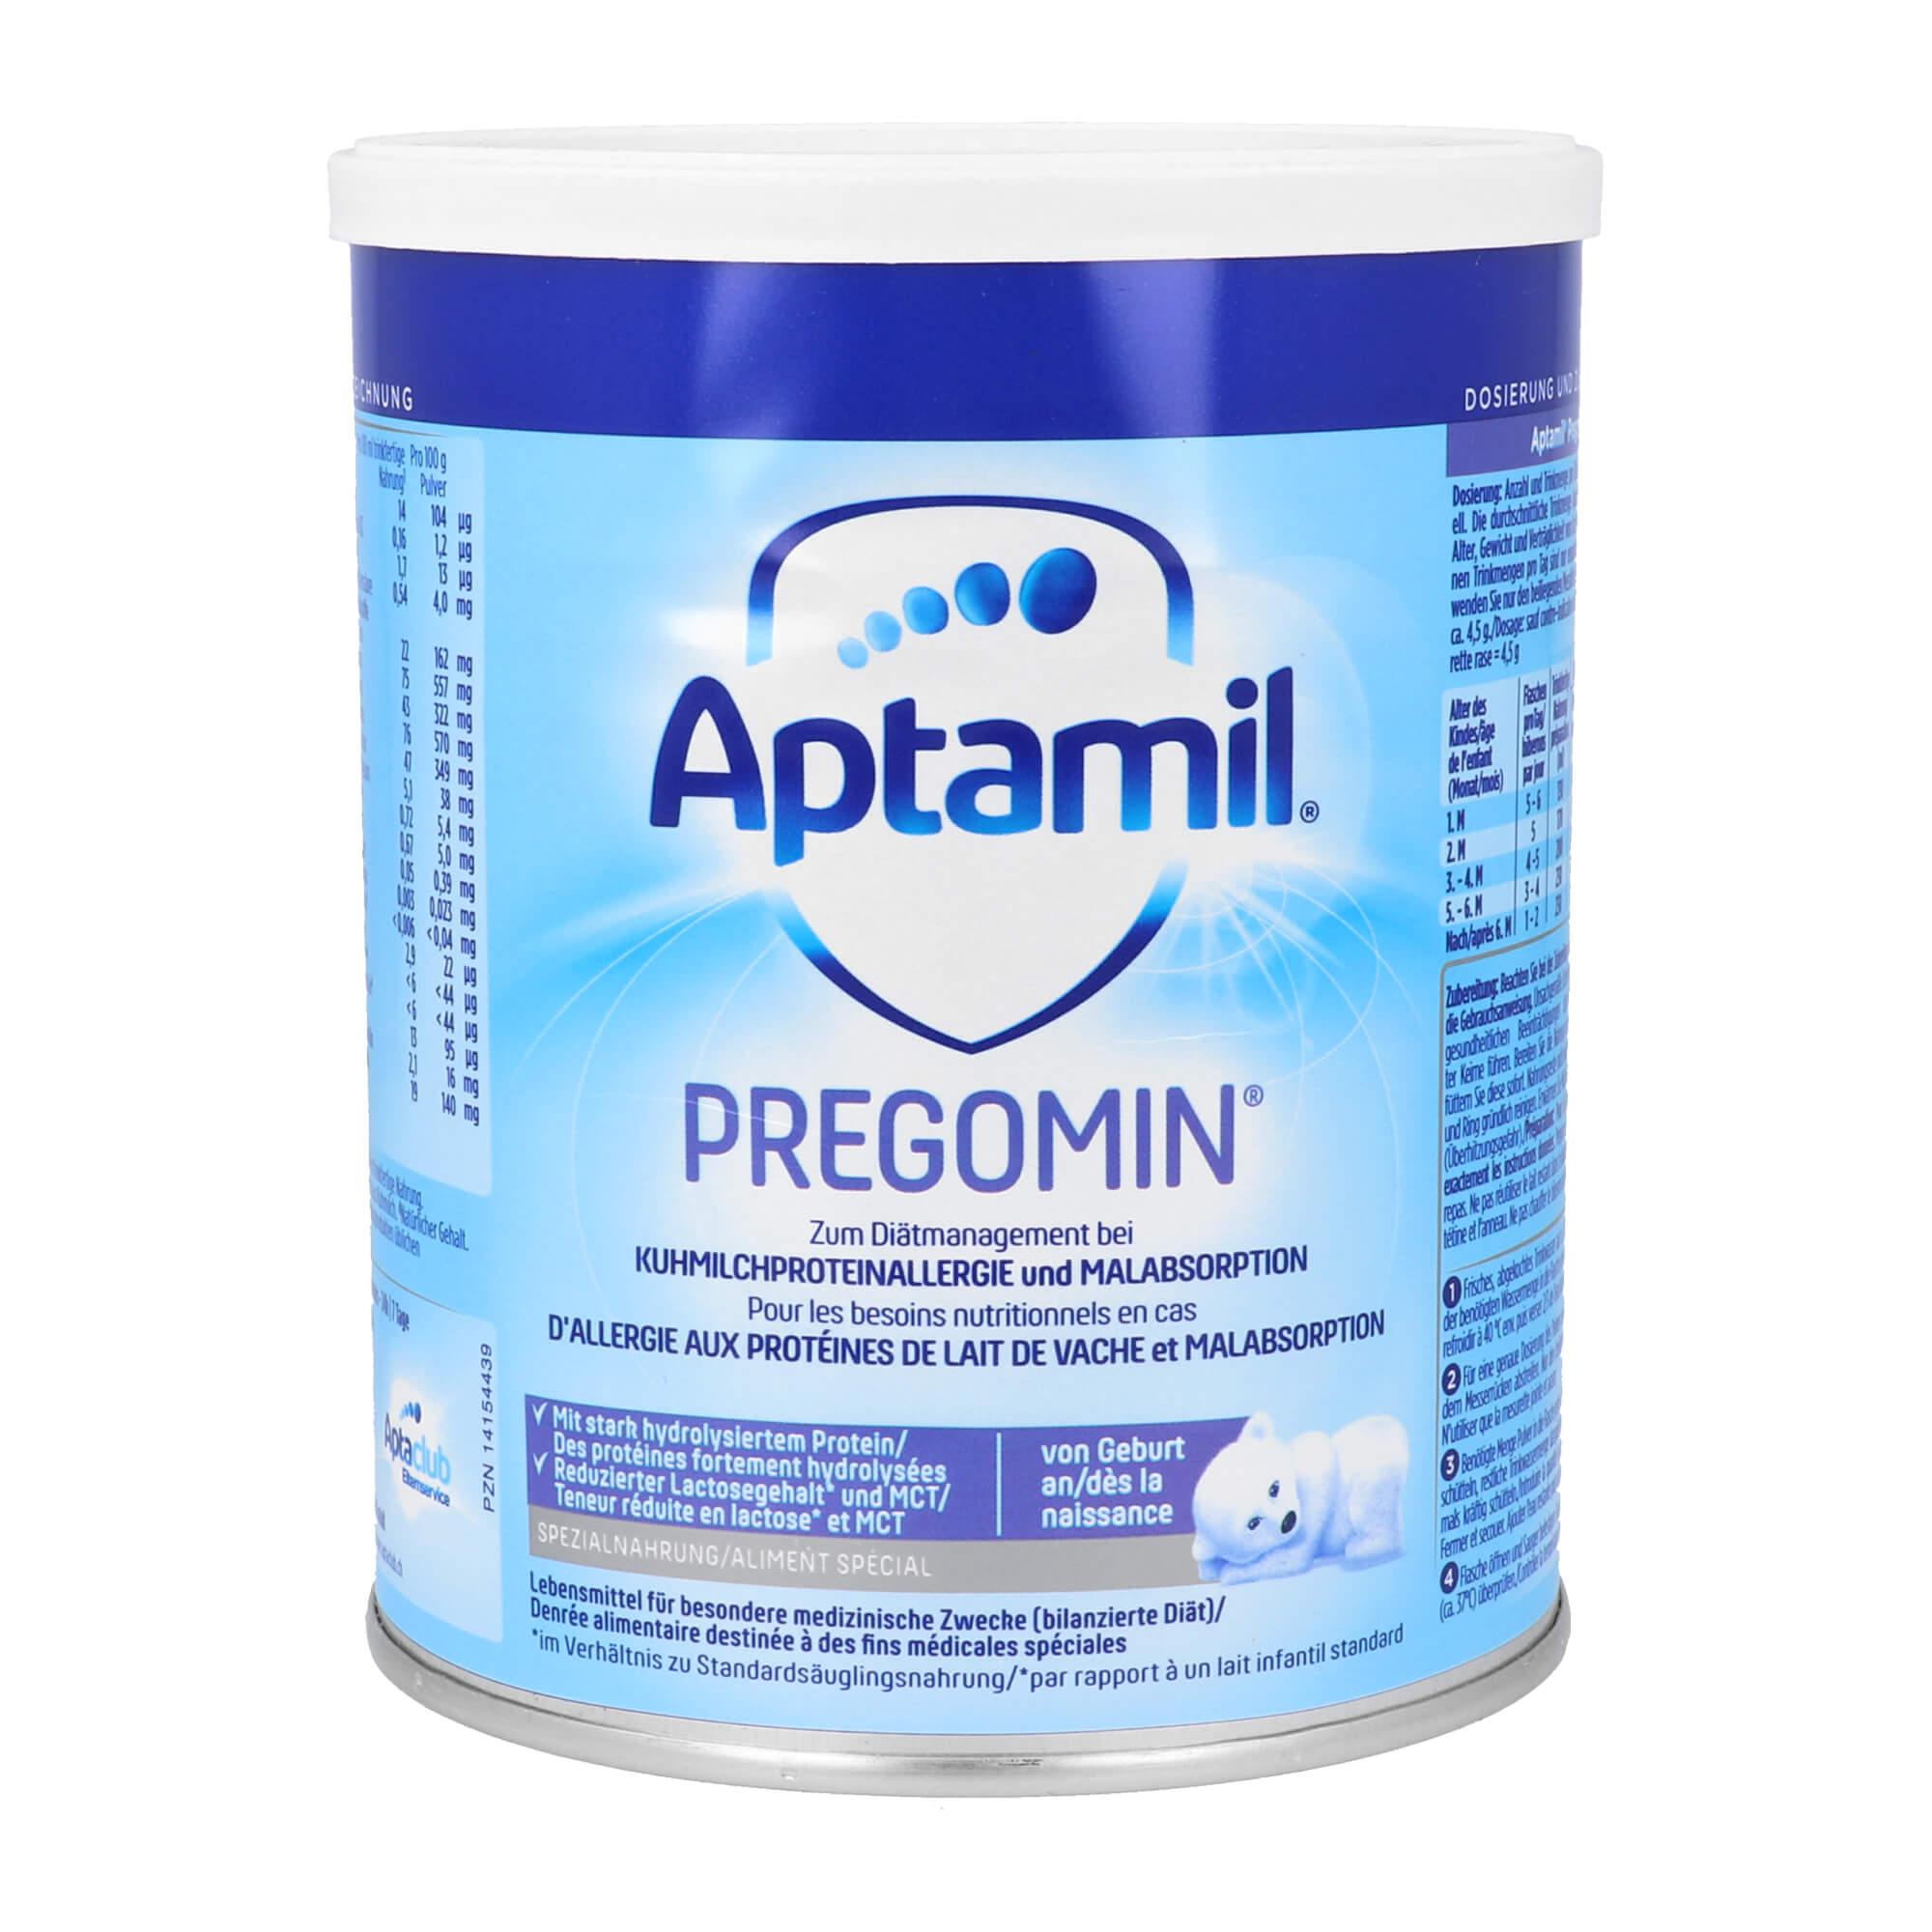 Aptamil Pregomin Pulver